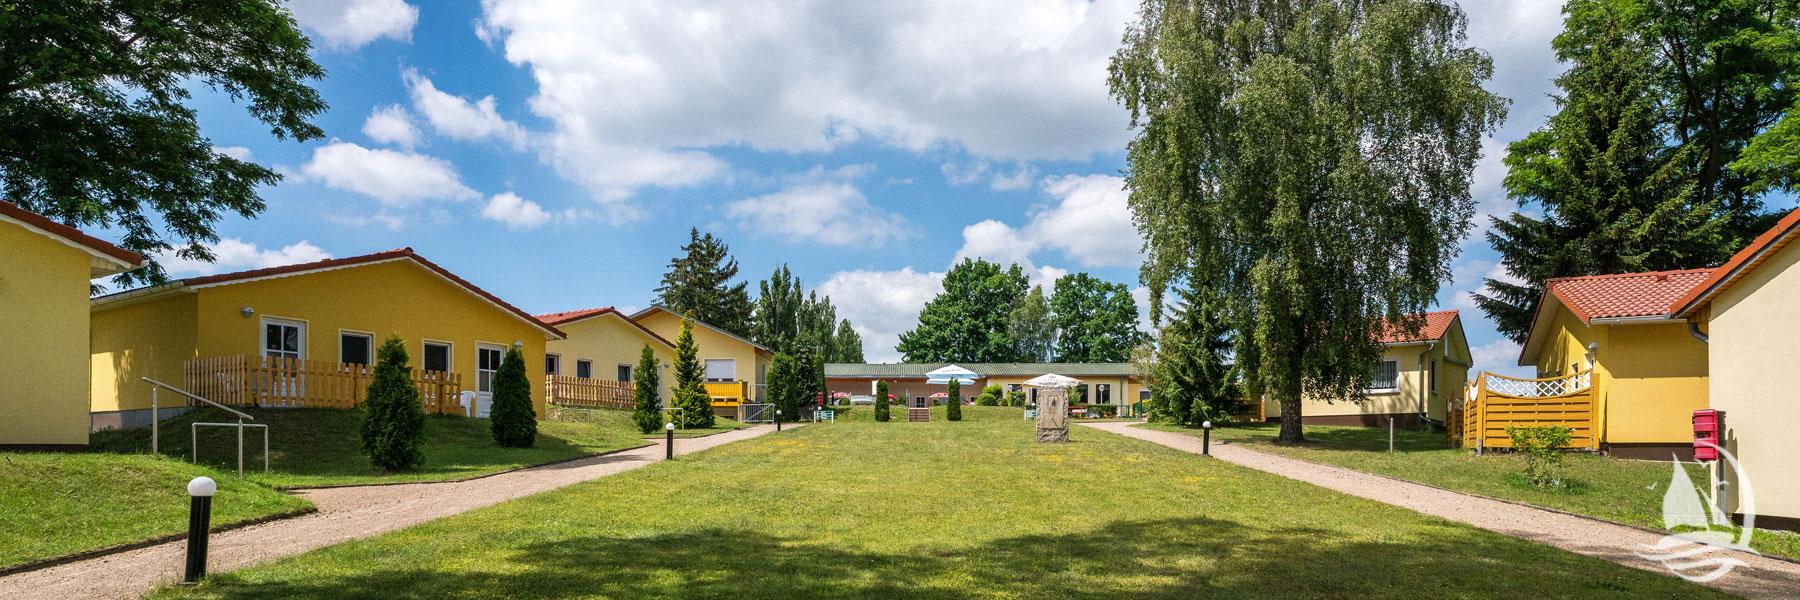 """Ferienhäuser - Ferienanlage """"Zum See"""""""